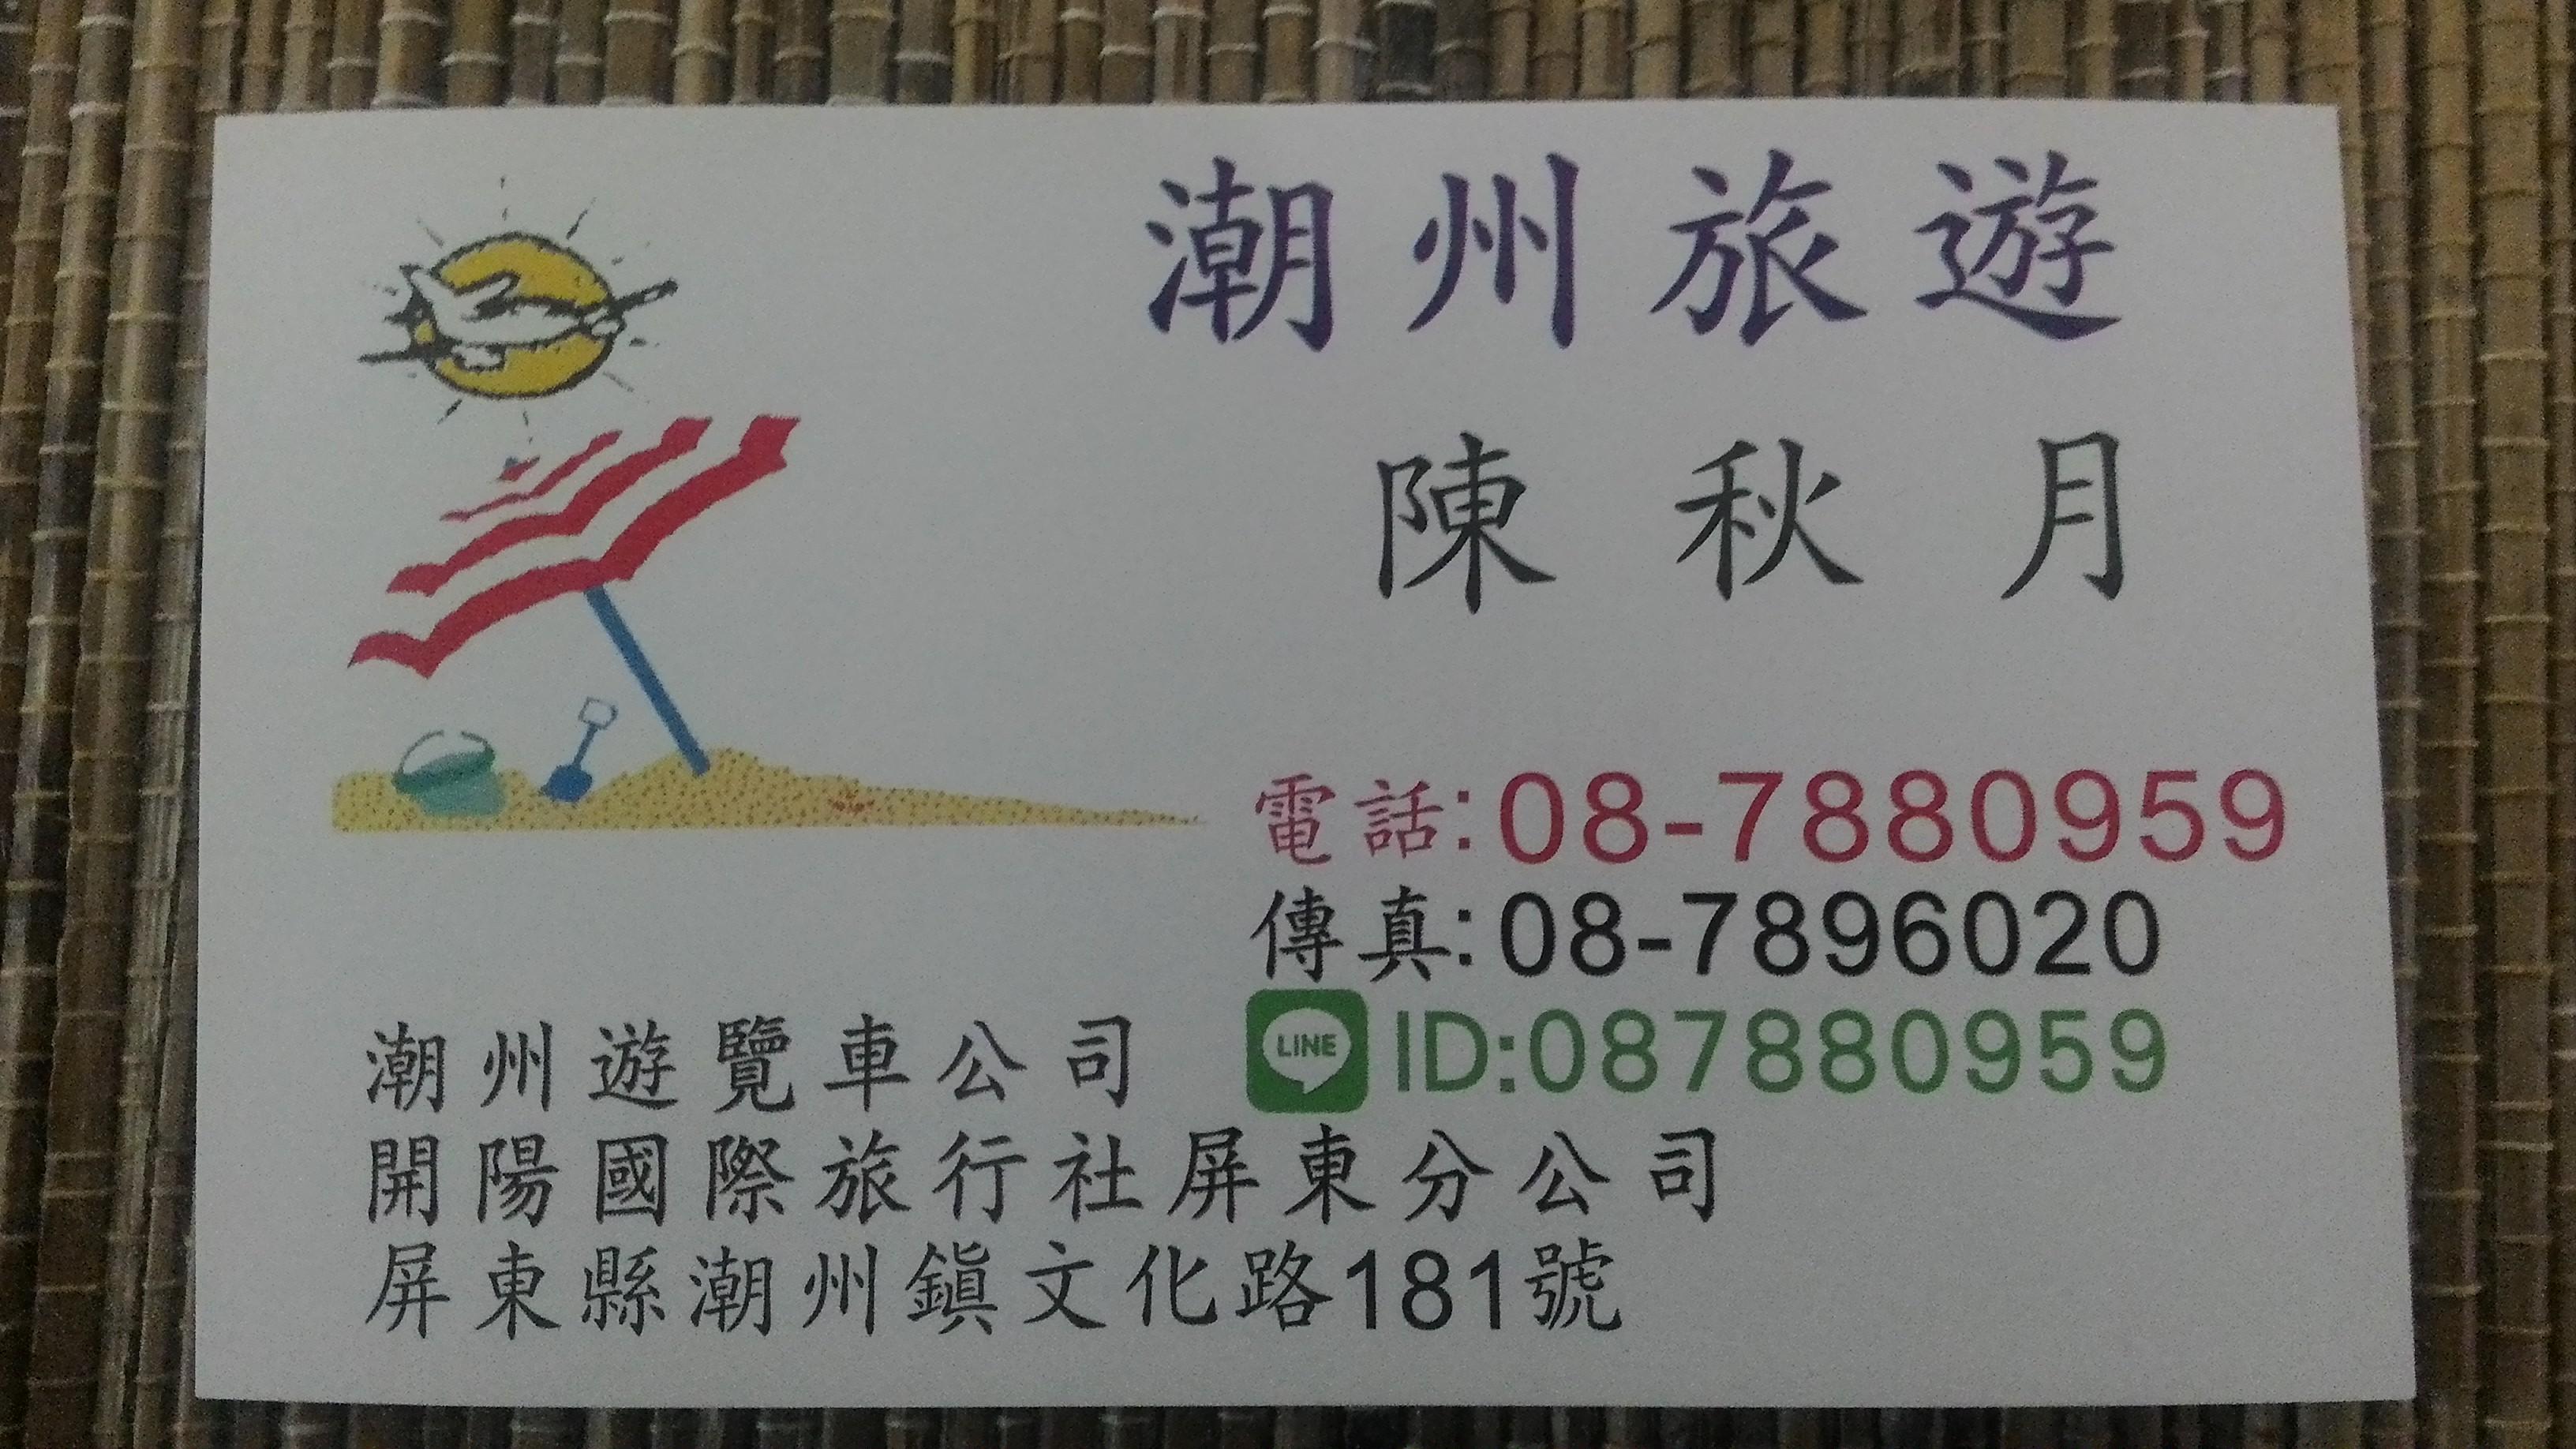 開陽國際旅行社有限公司屏東分公司